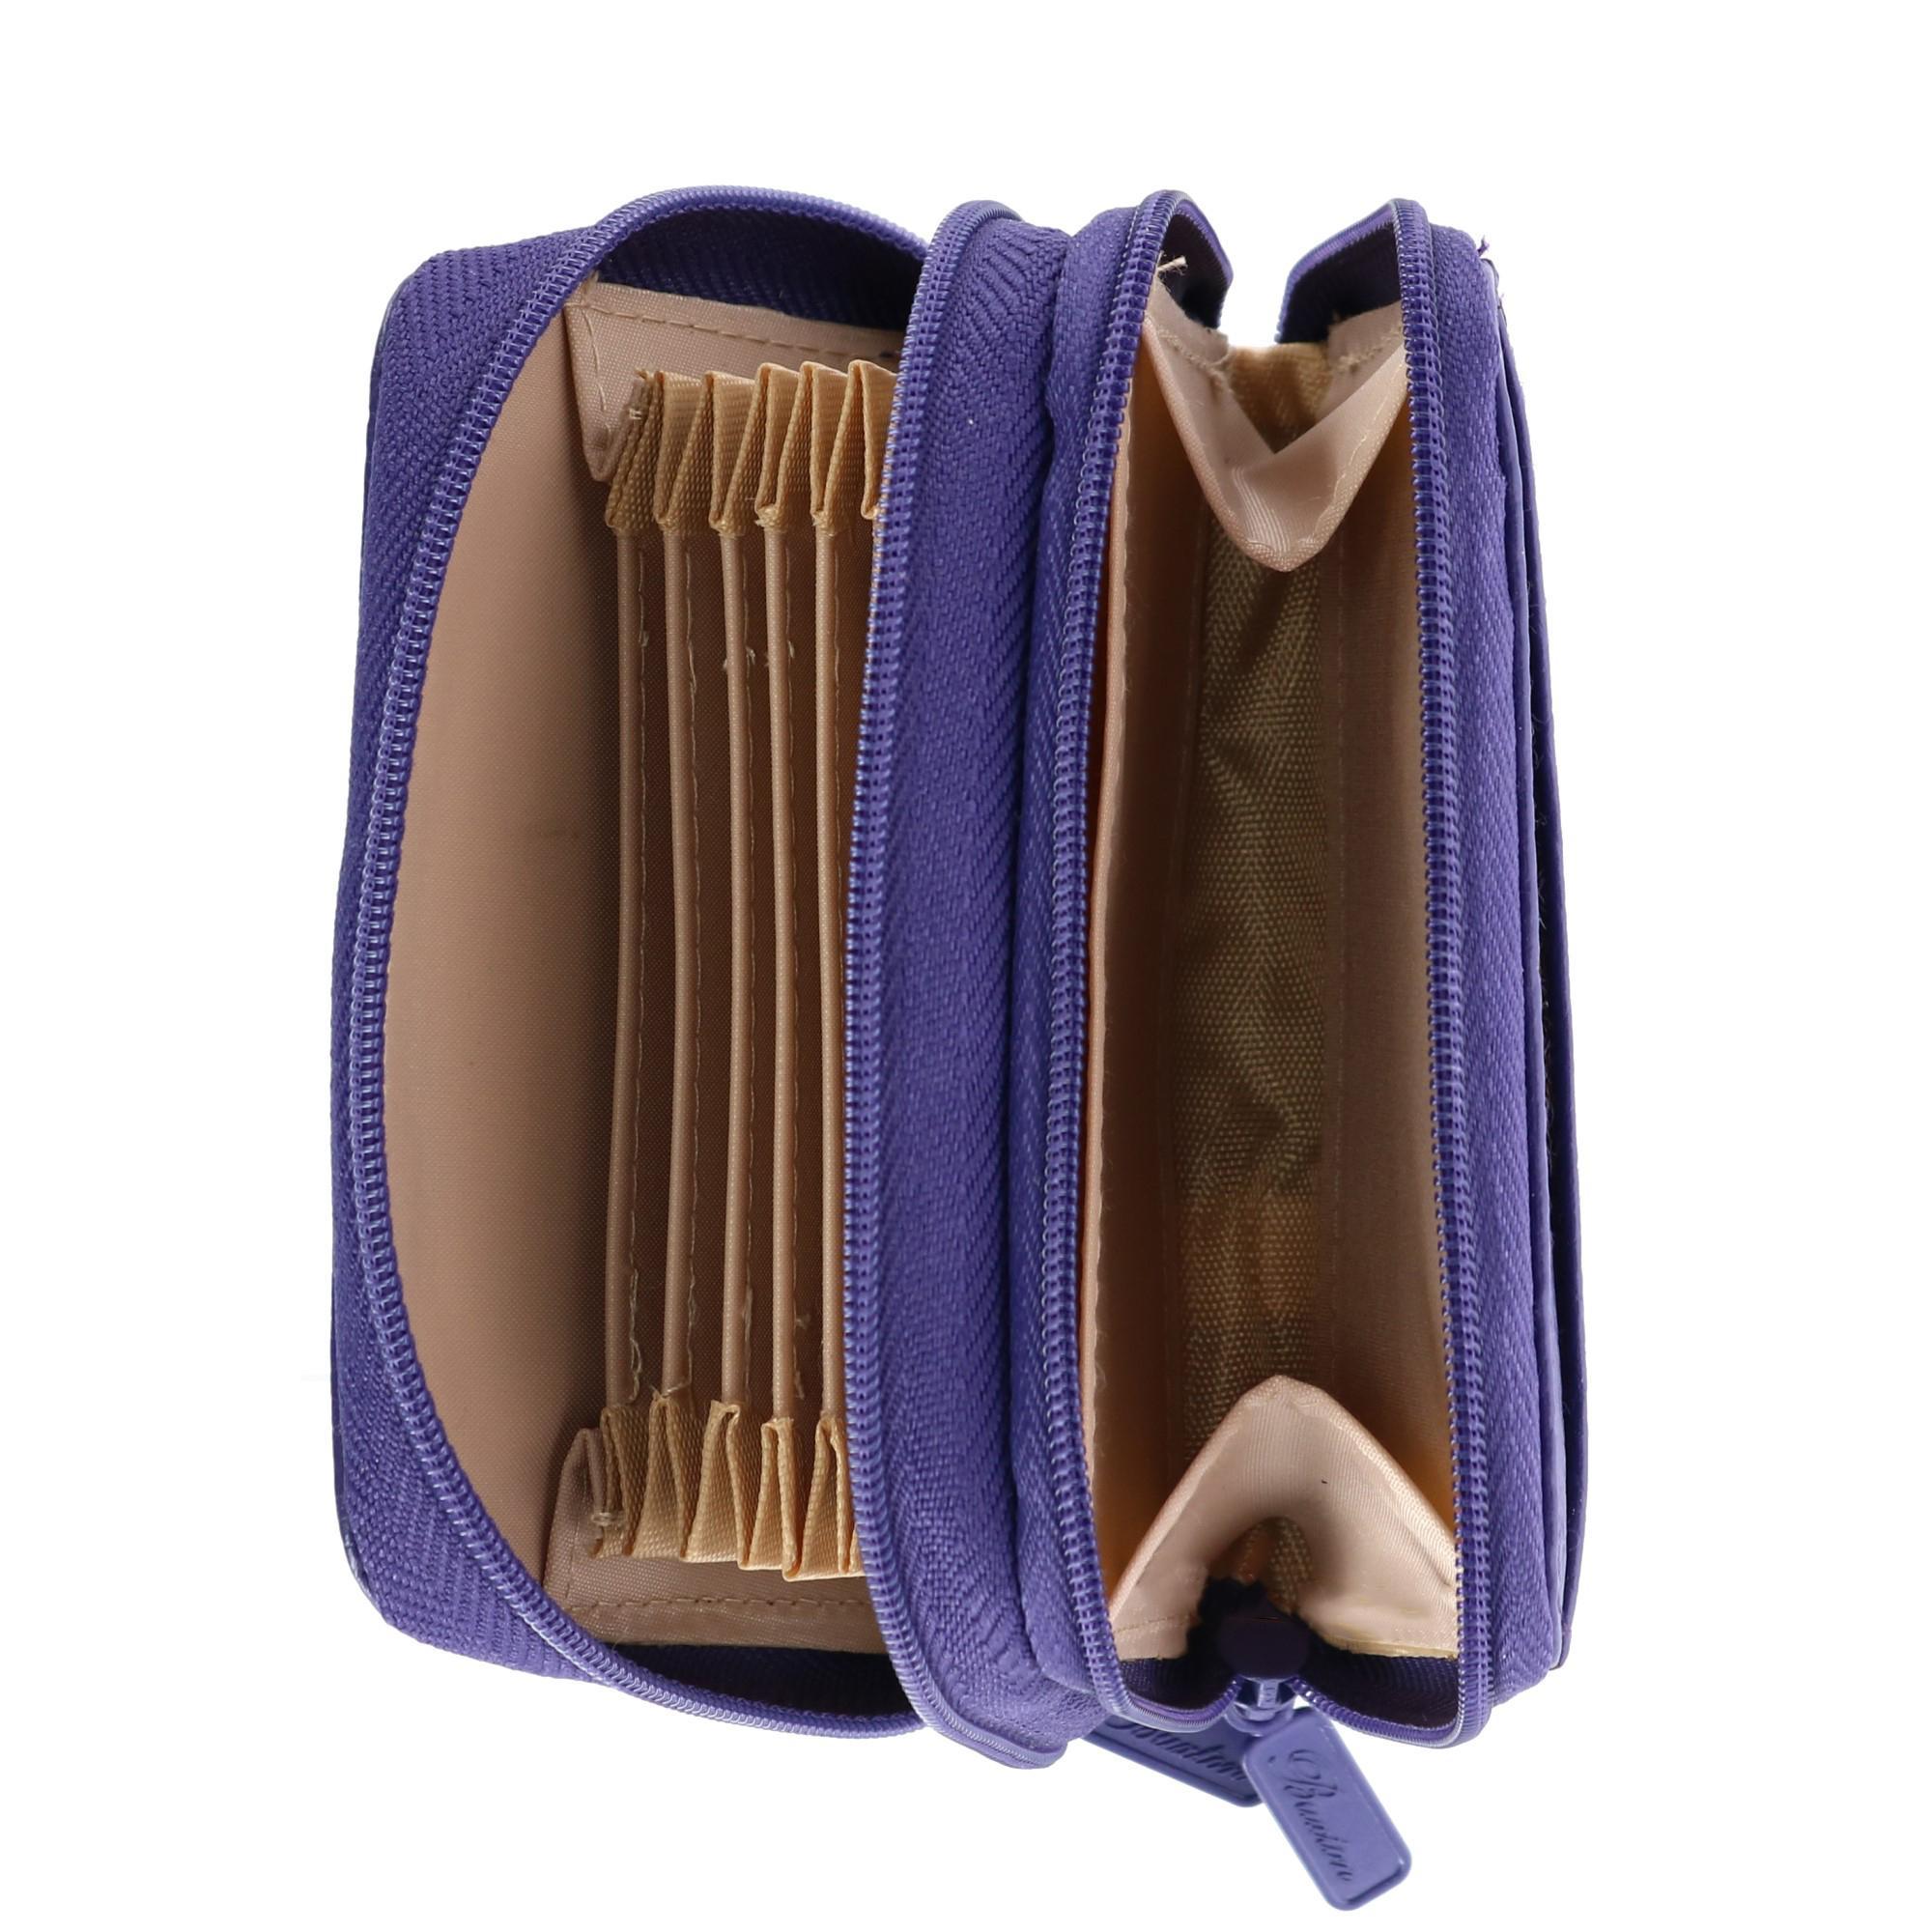 New-Buxton-Women-039-s-Leather-Mini-Accordion-Wizard-Wallet thumbnail 9